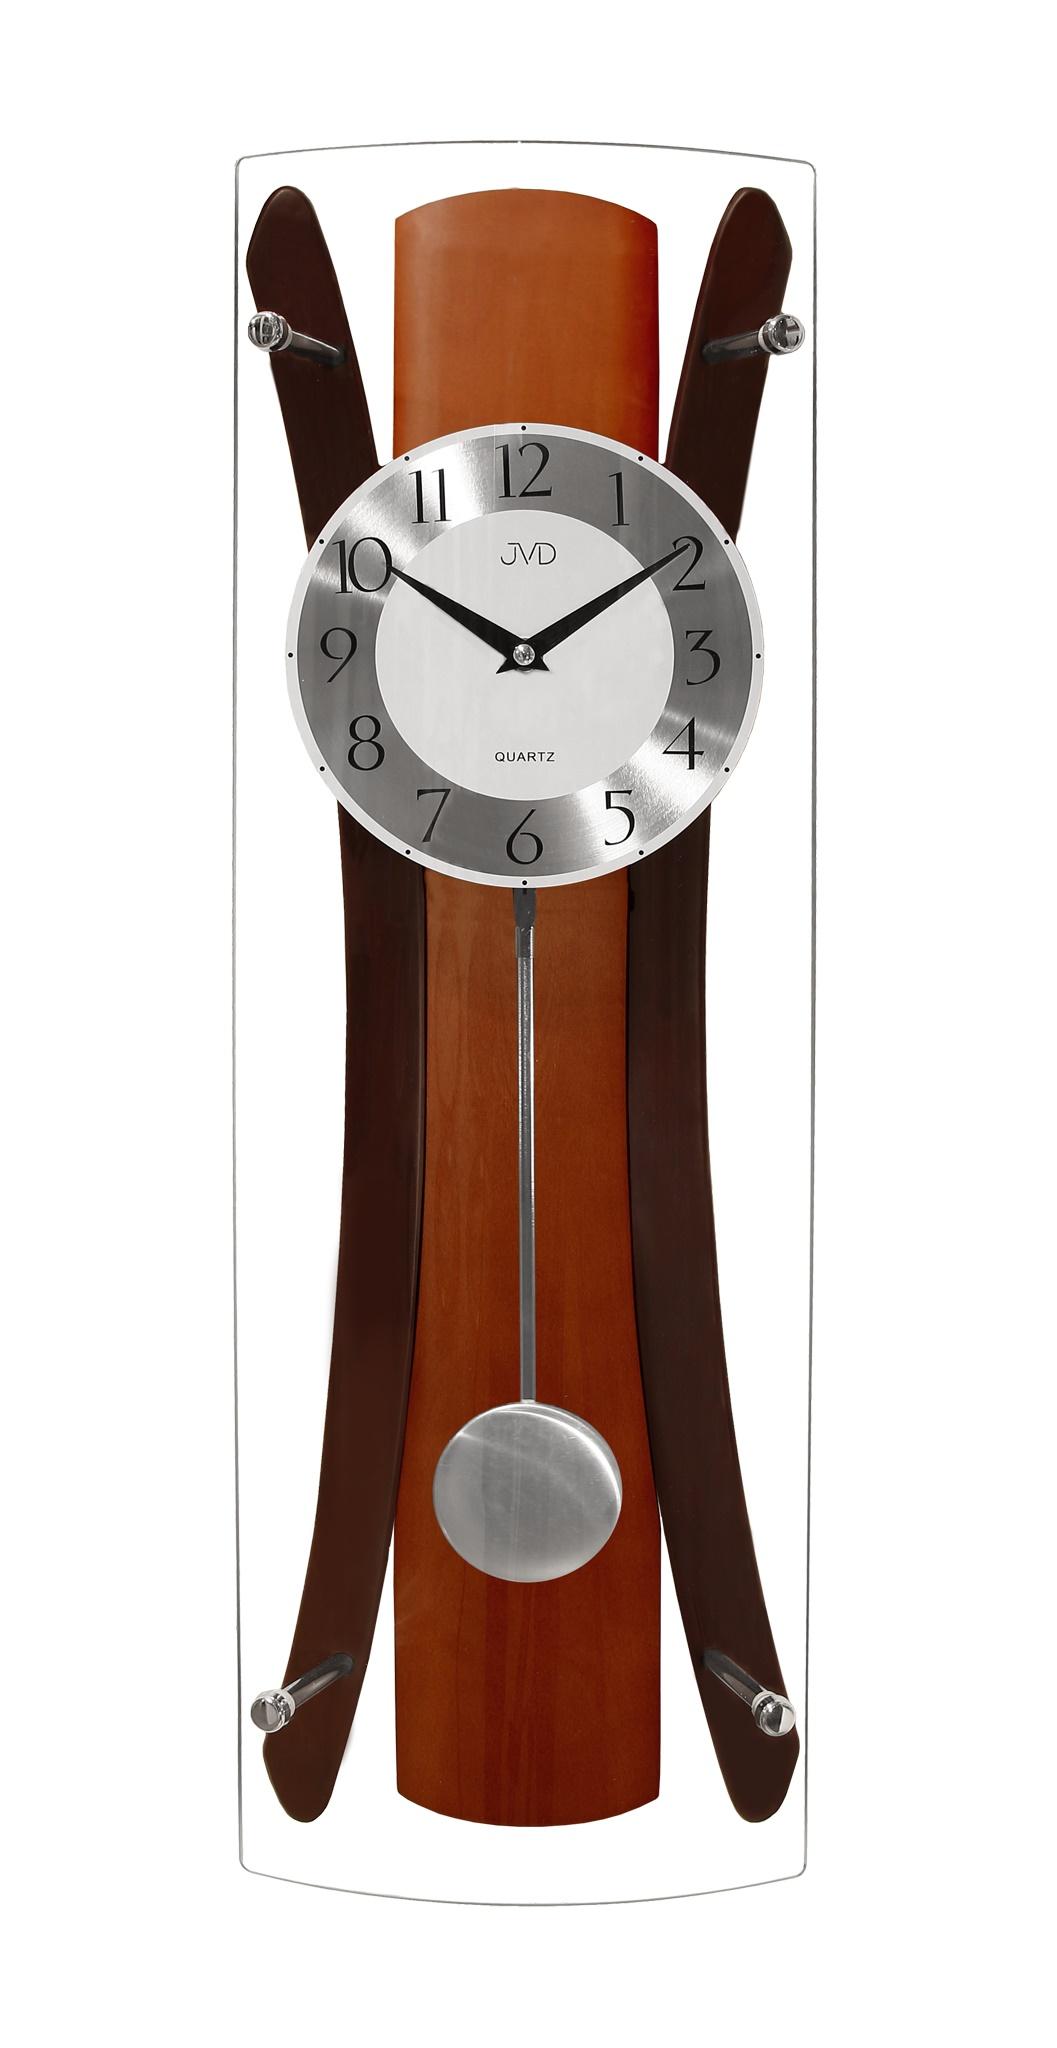 Kyvadlové dřevěné skleněné nástěnné hodiny JVD N16022/41 (POŠTOVNÉ ZDARMA!!)